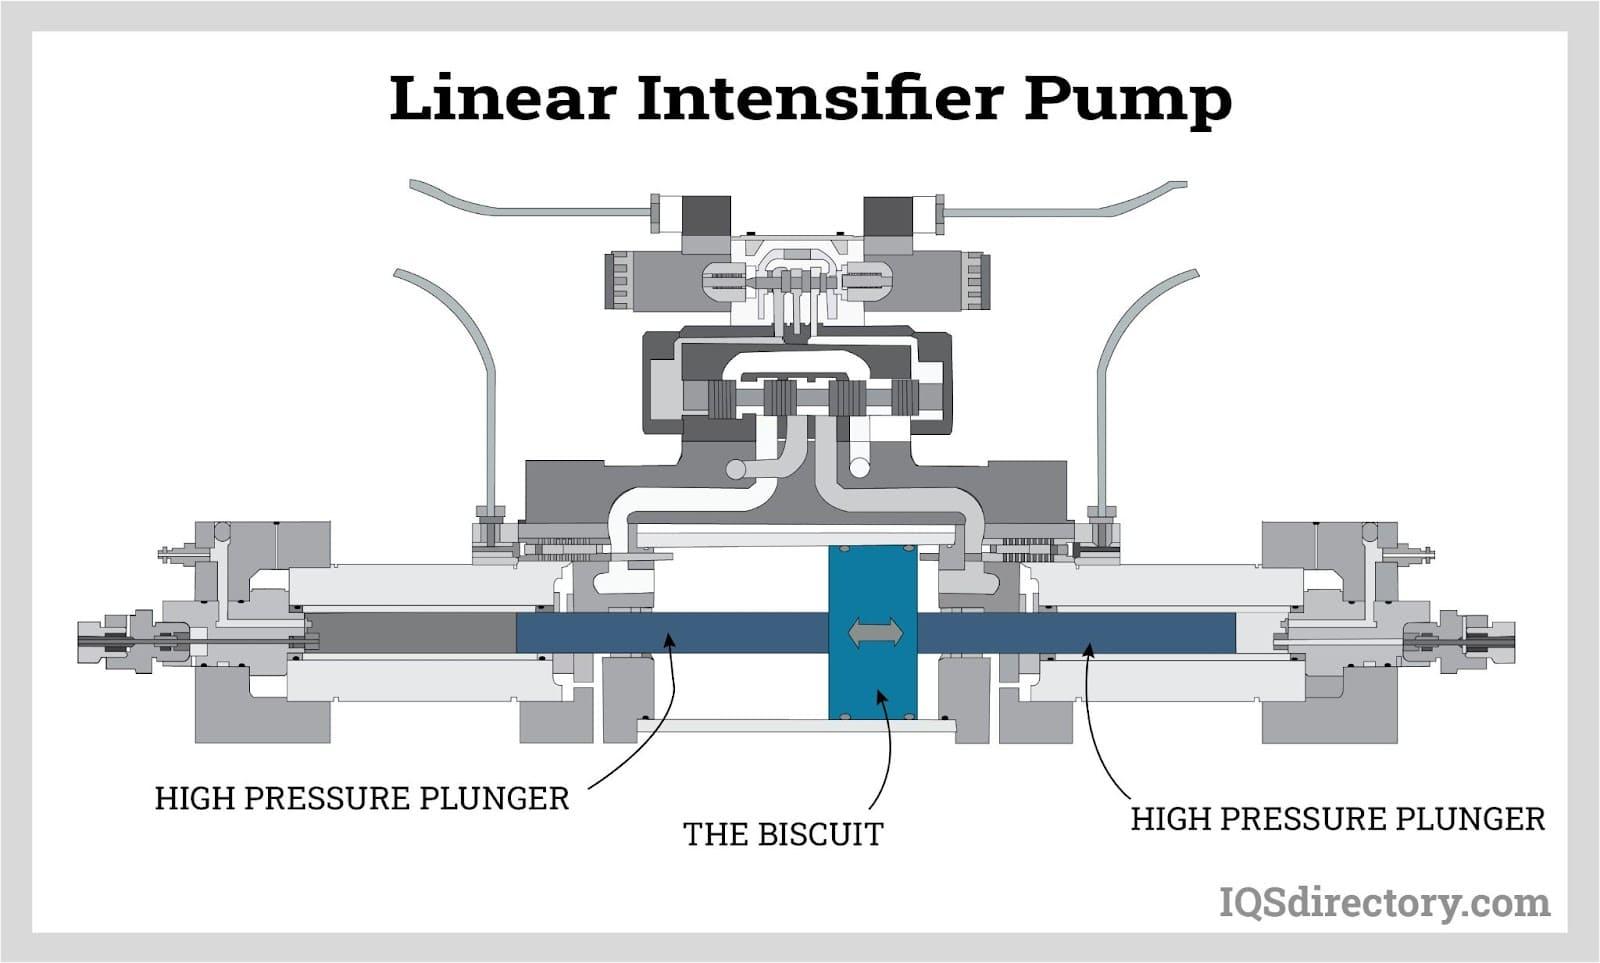 Linear Intensifier Pump